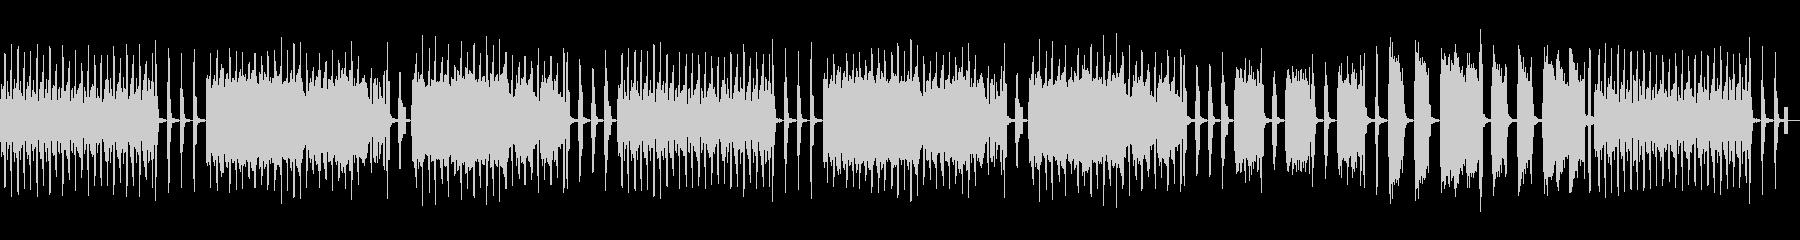 フランスの歌謡曲をイメージして作りましたの未再生の波形